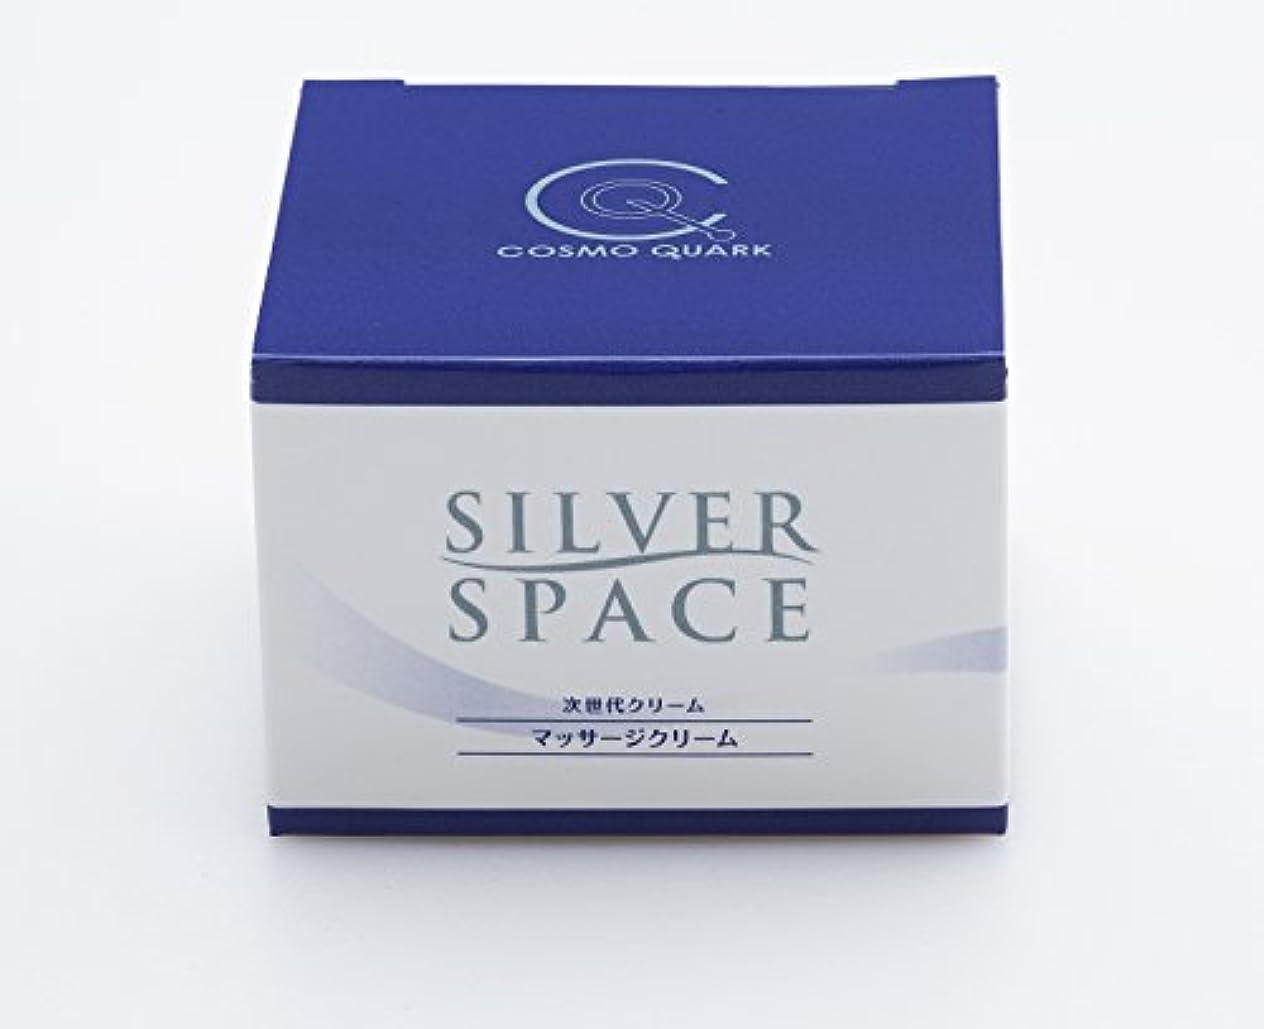 前文噴水世界クオンタムキュア(Quantum Cure)SILVER SPACE シルバースペース